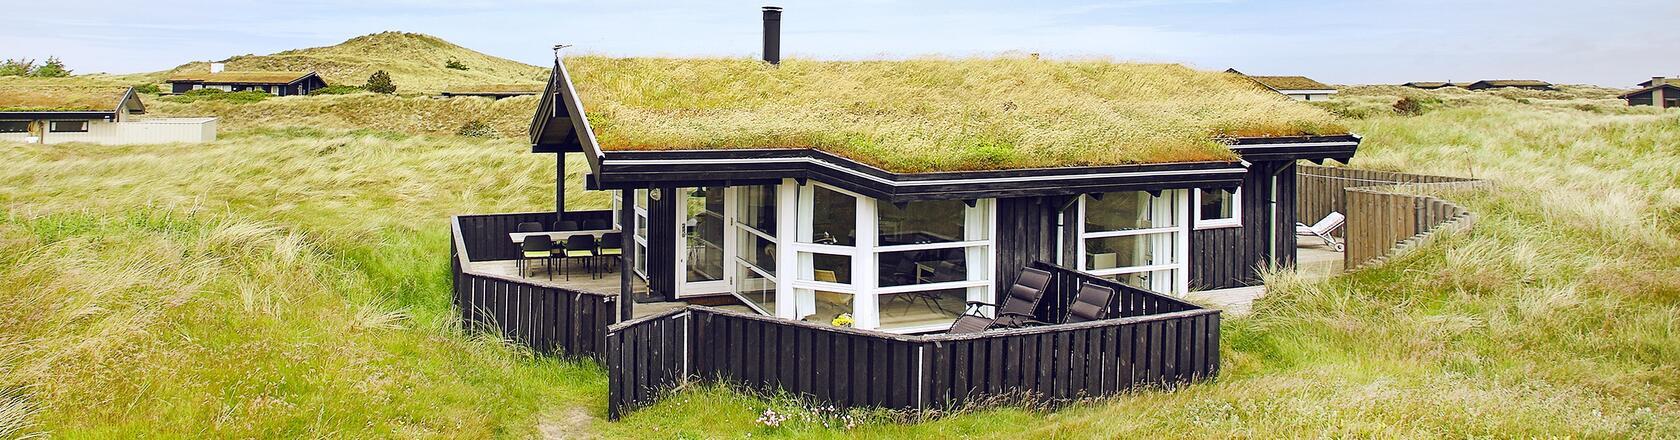 Vorupor In Danemark Mieten Sie Ein Ferienhaus Bei Dancenter